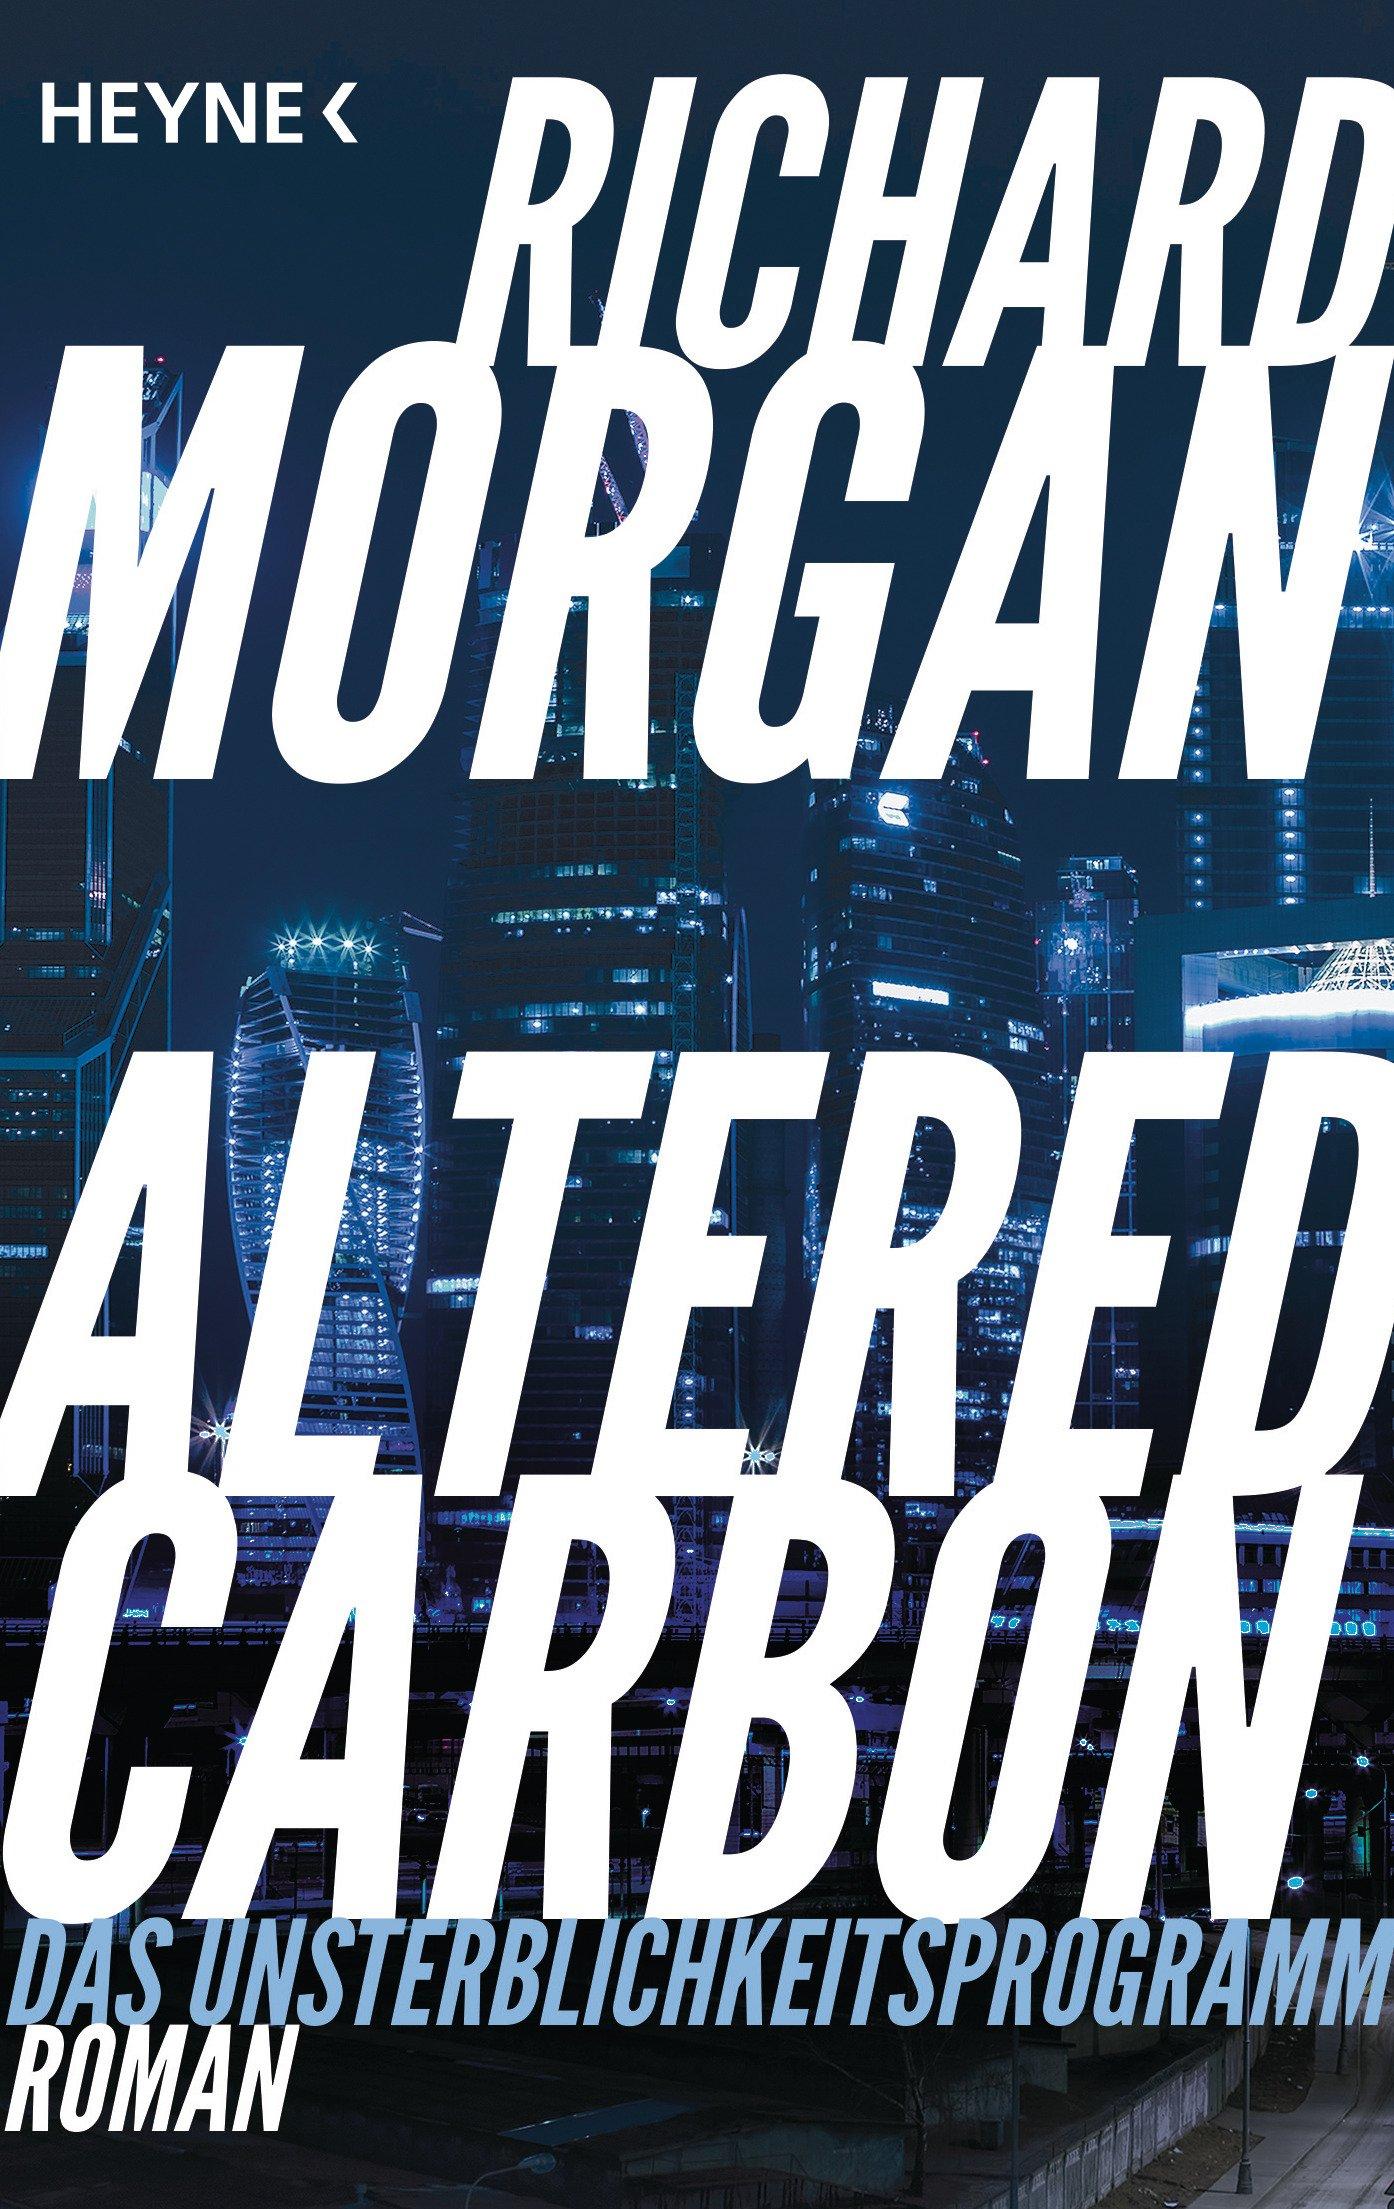 Altered Carbon - Das Unsterblichkeitsprogramm: Roman. Das Buch zur Netflix-Serie (Takeshi Kovacs, Band 1) Taschenbuch – 14. August 2017 Richard Morgan Bernhard Kempen Heyne Verlag 345331865X